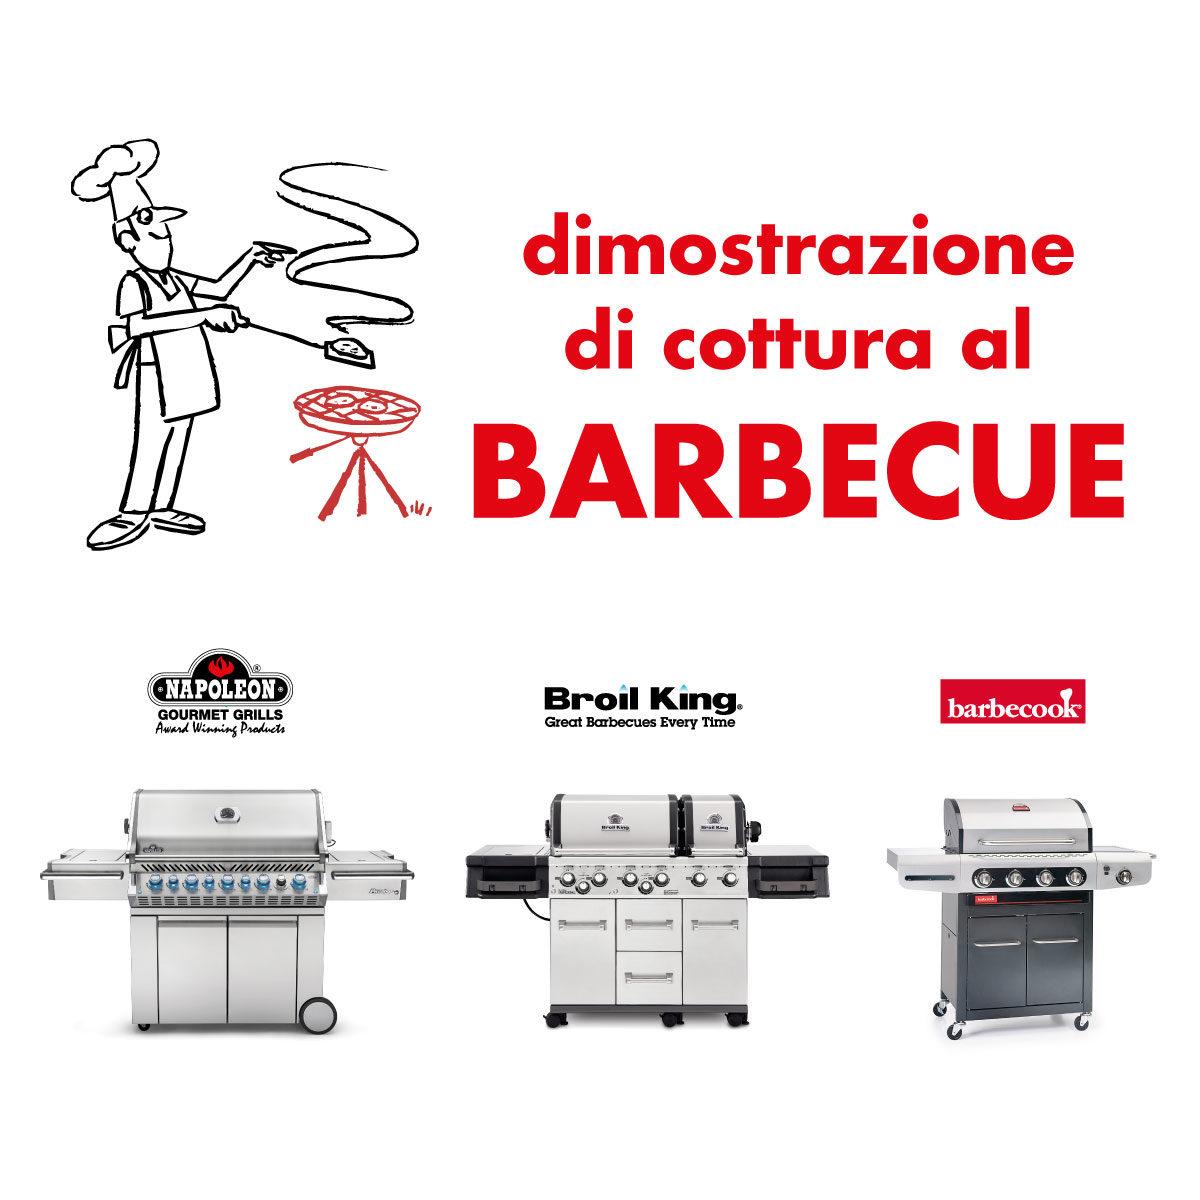 Dimostrazione_Barbecue_1200x1200